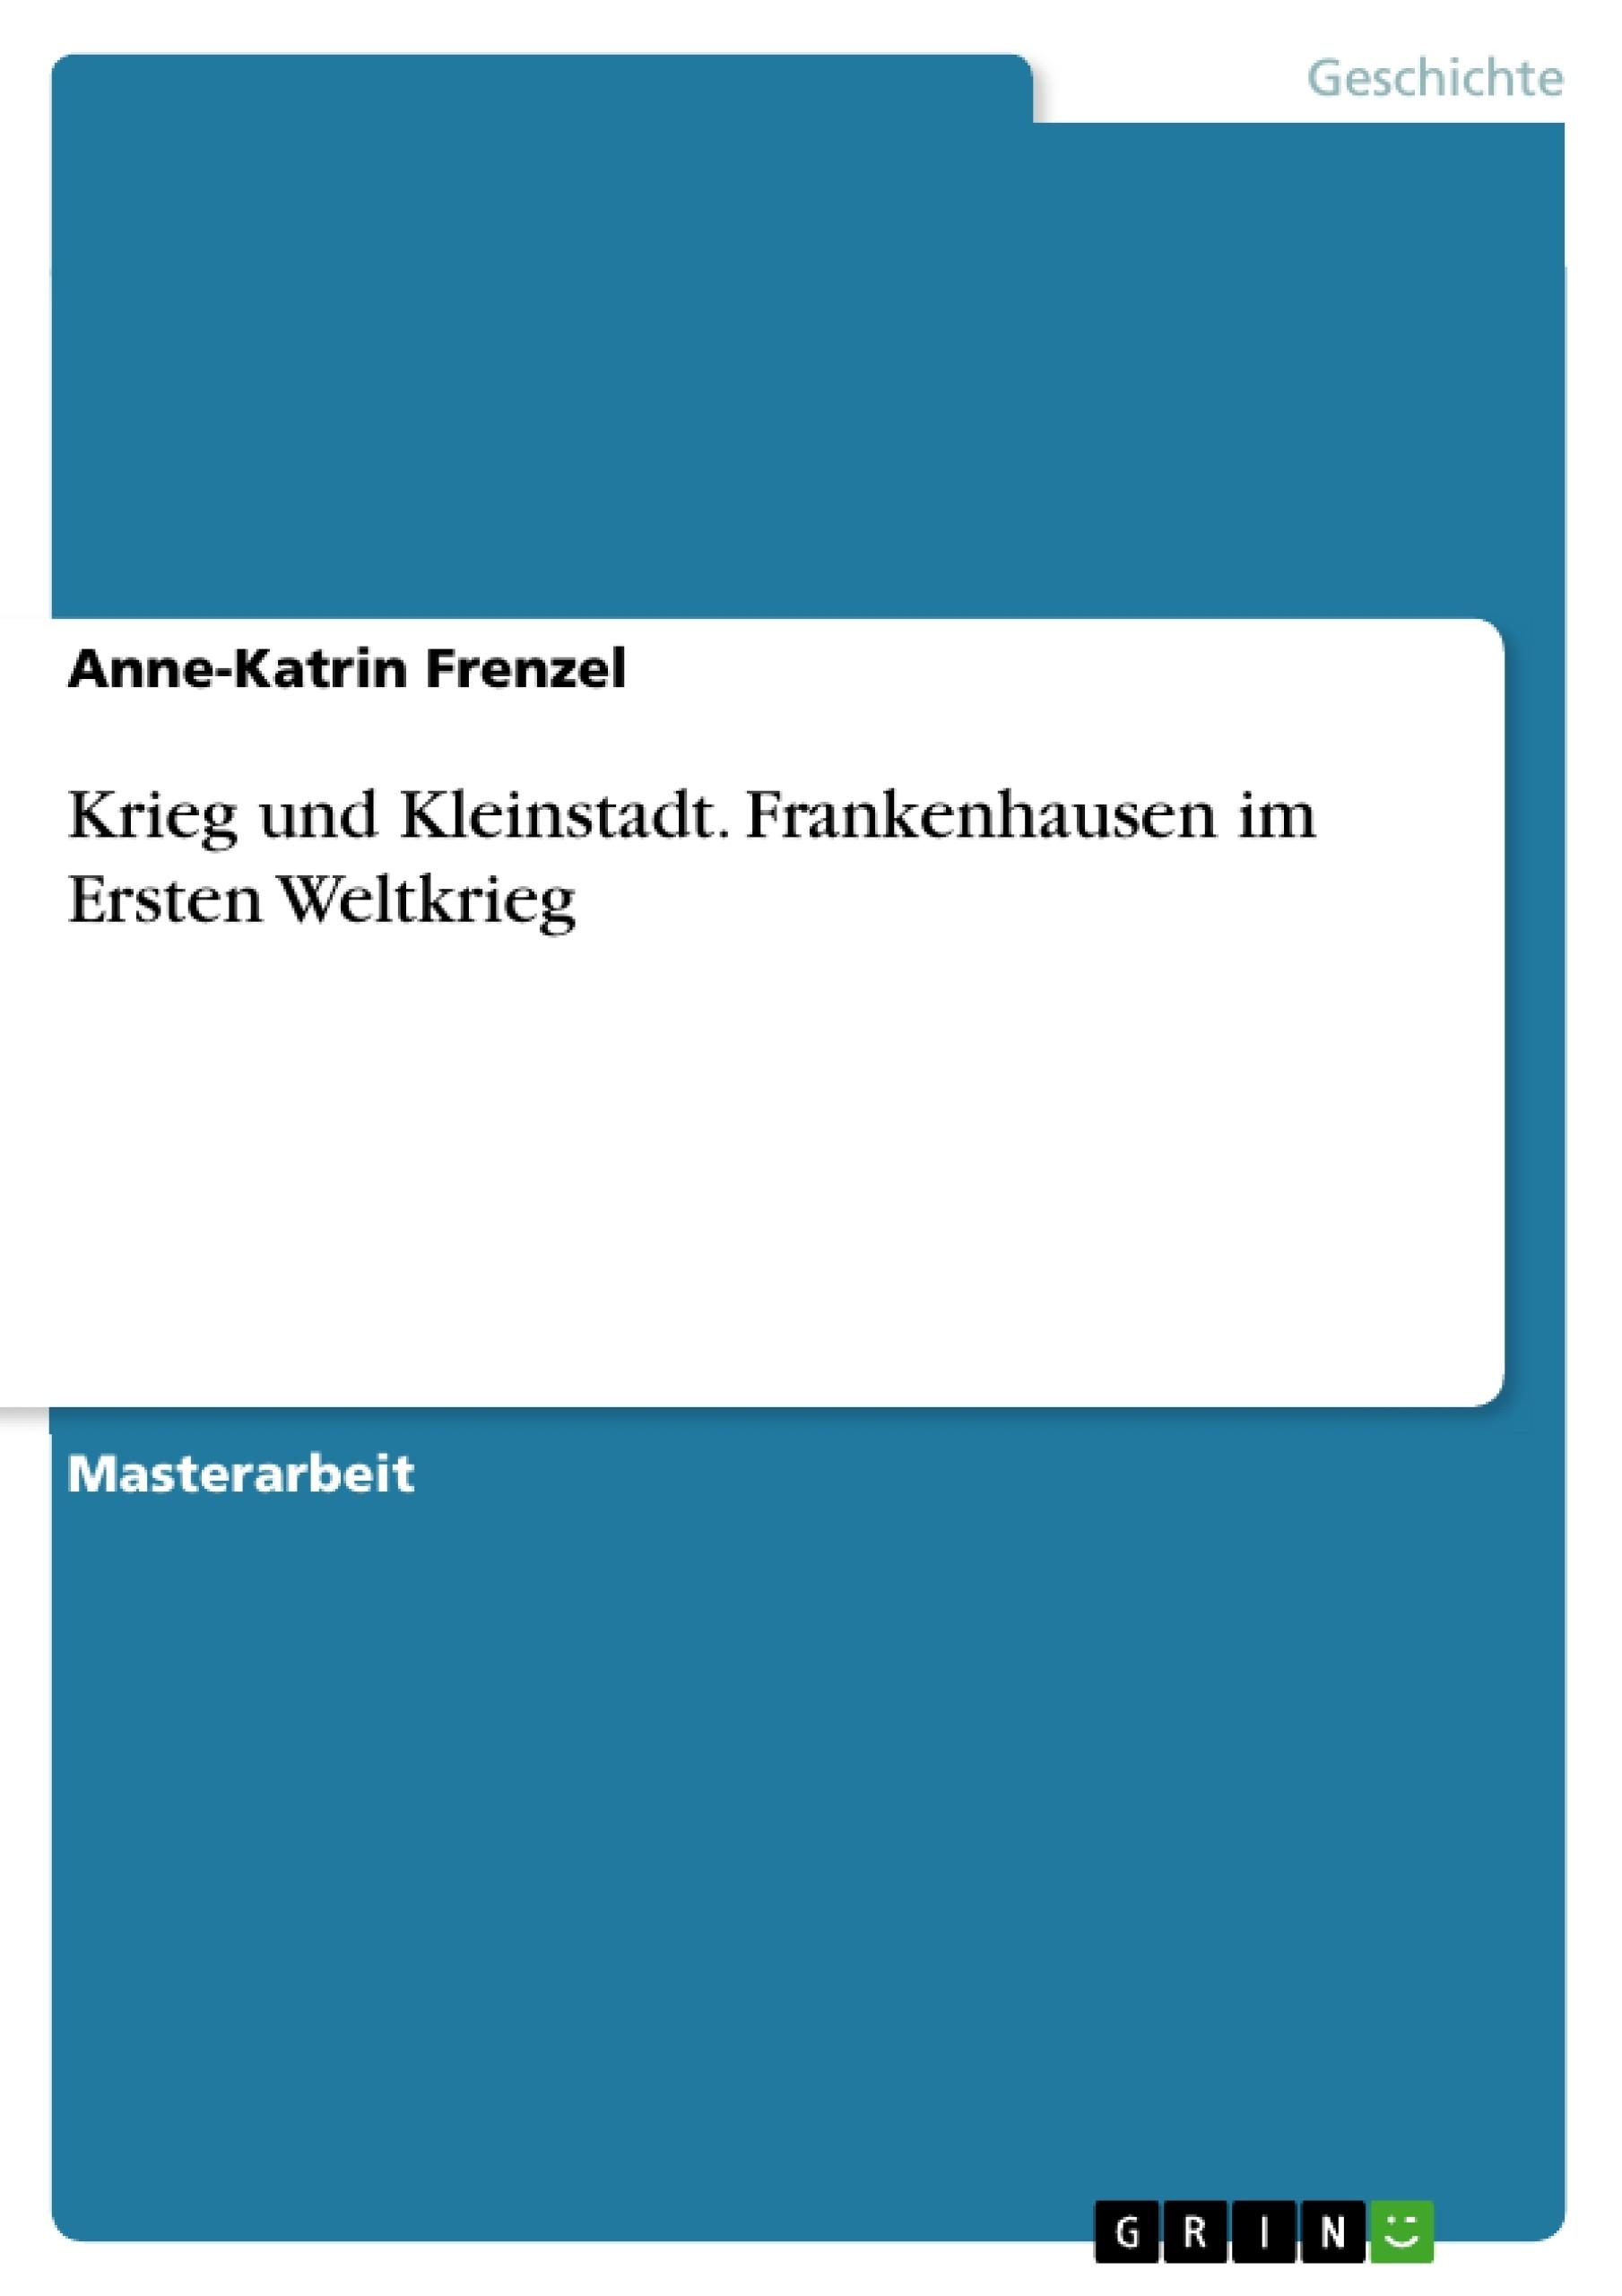 Titel: Krieg und Kleinstadt. Frankenhausen im Ersten Weltkrieg